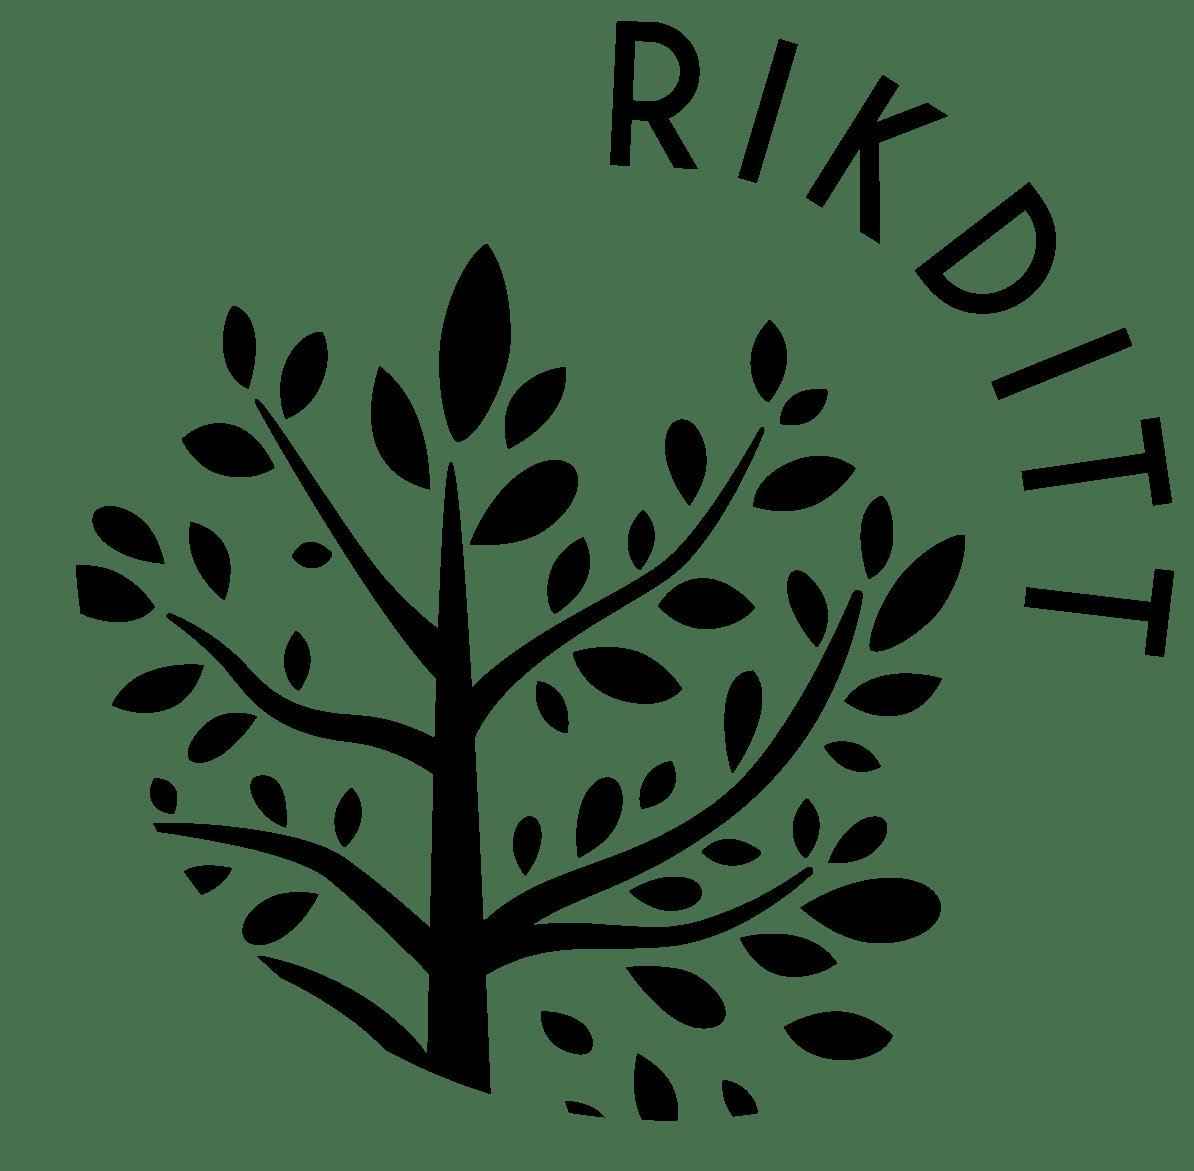 Rikditt Rikke Dittfeldt trædrejer